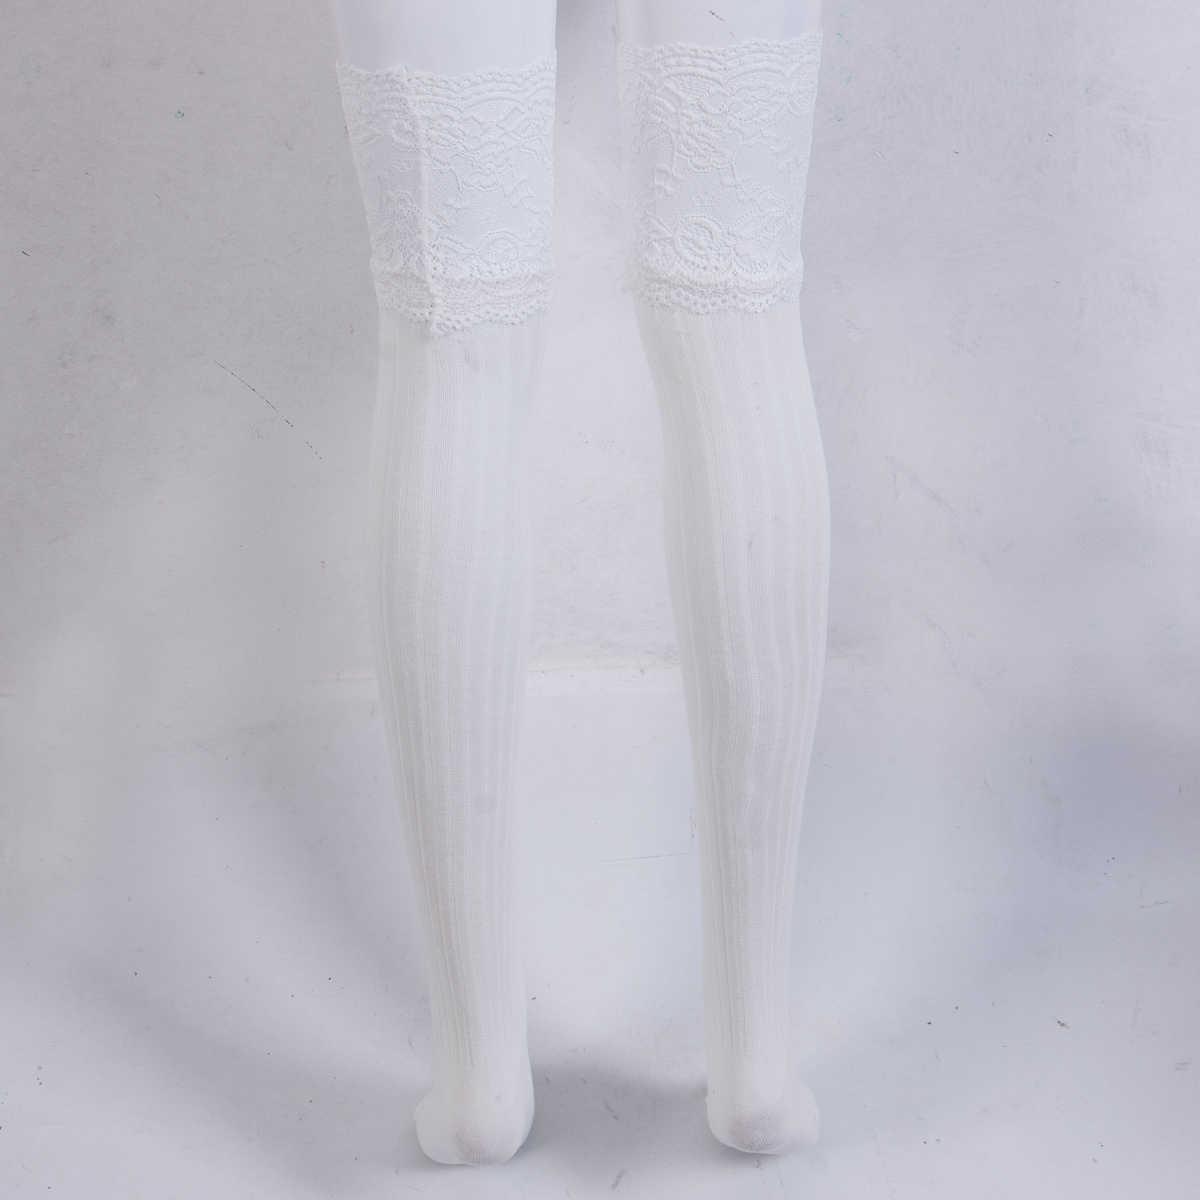 Moda damska rajstopy udo wysoki pończochy koronkowe Top rajstopy